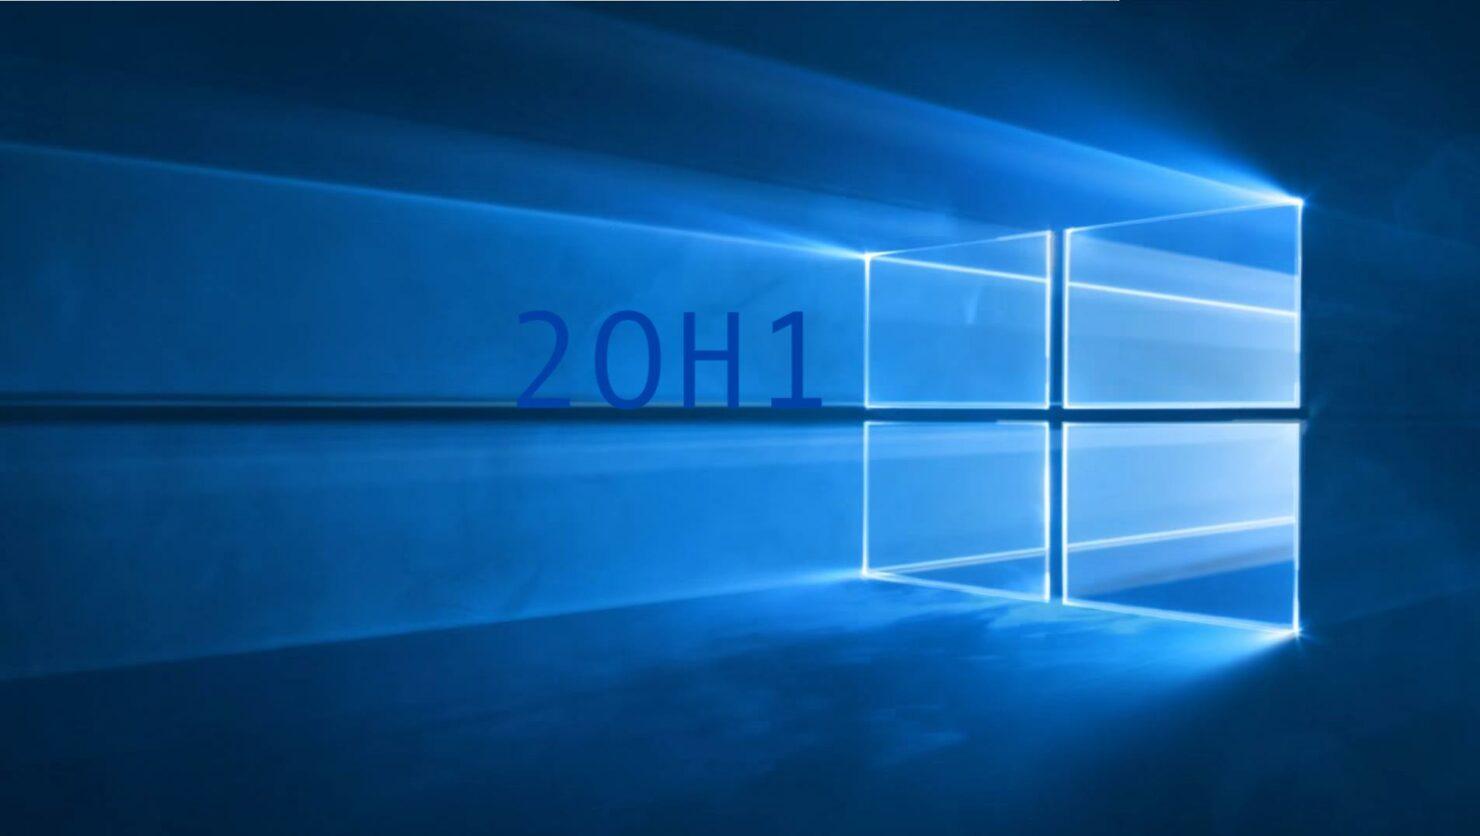 windows 10 20h1 windows 10 2020